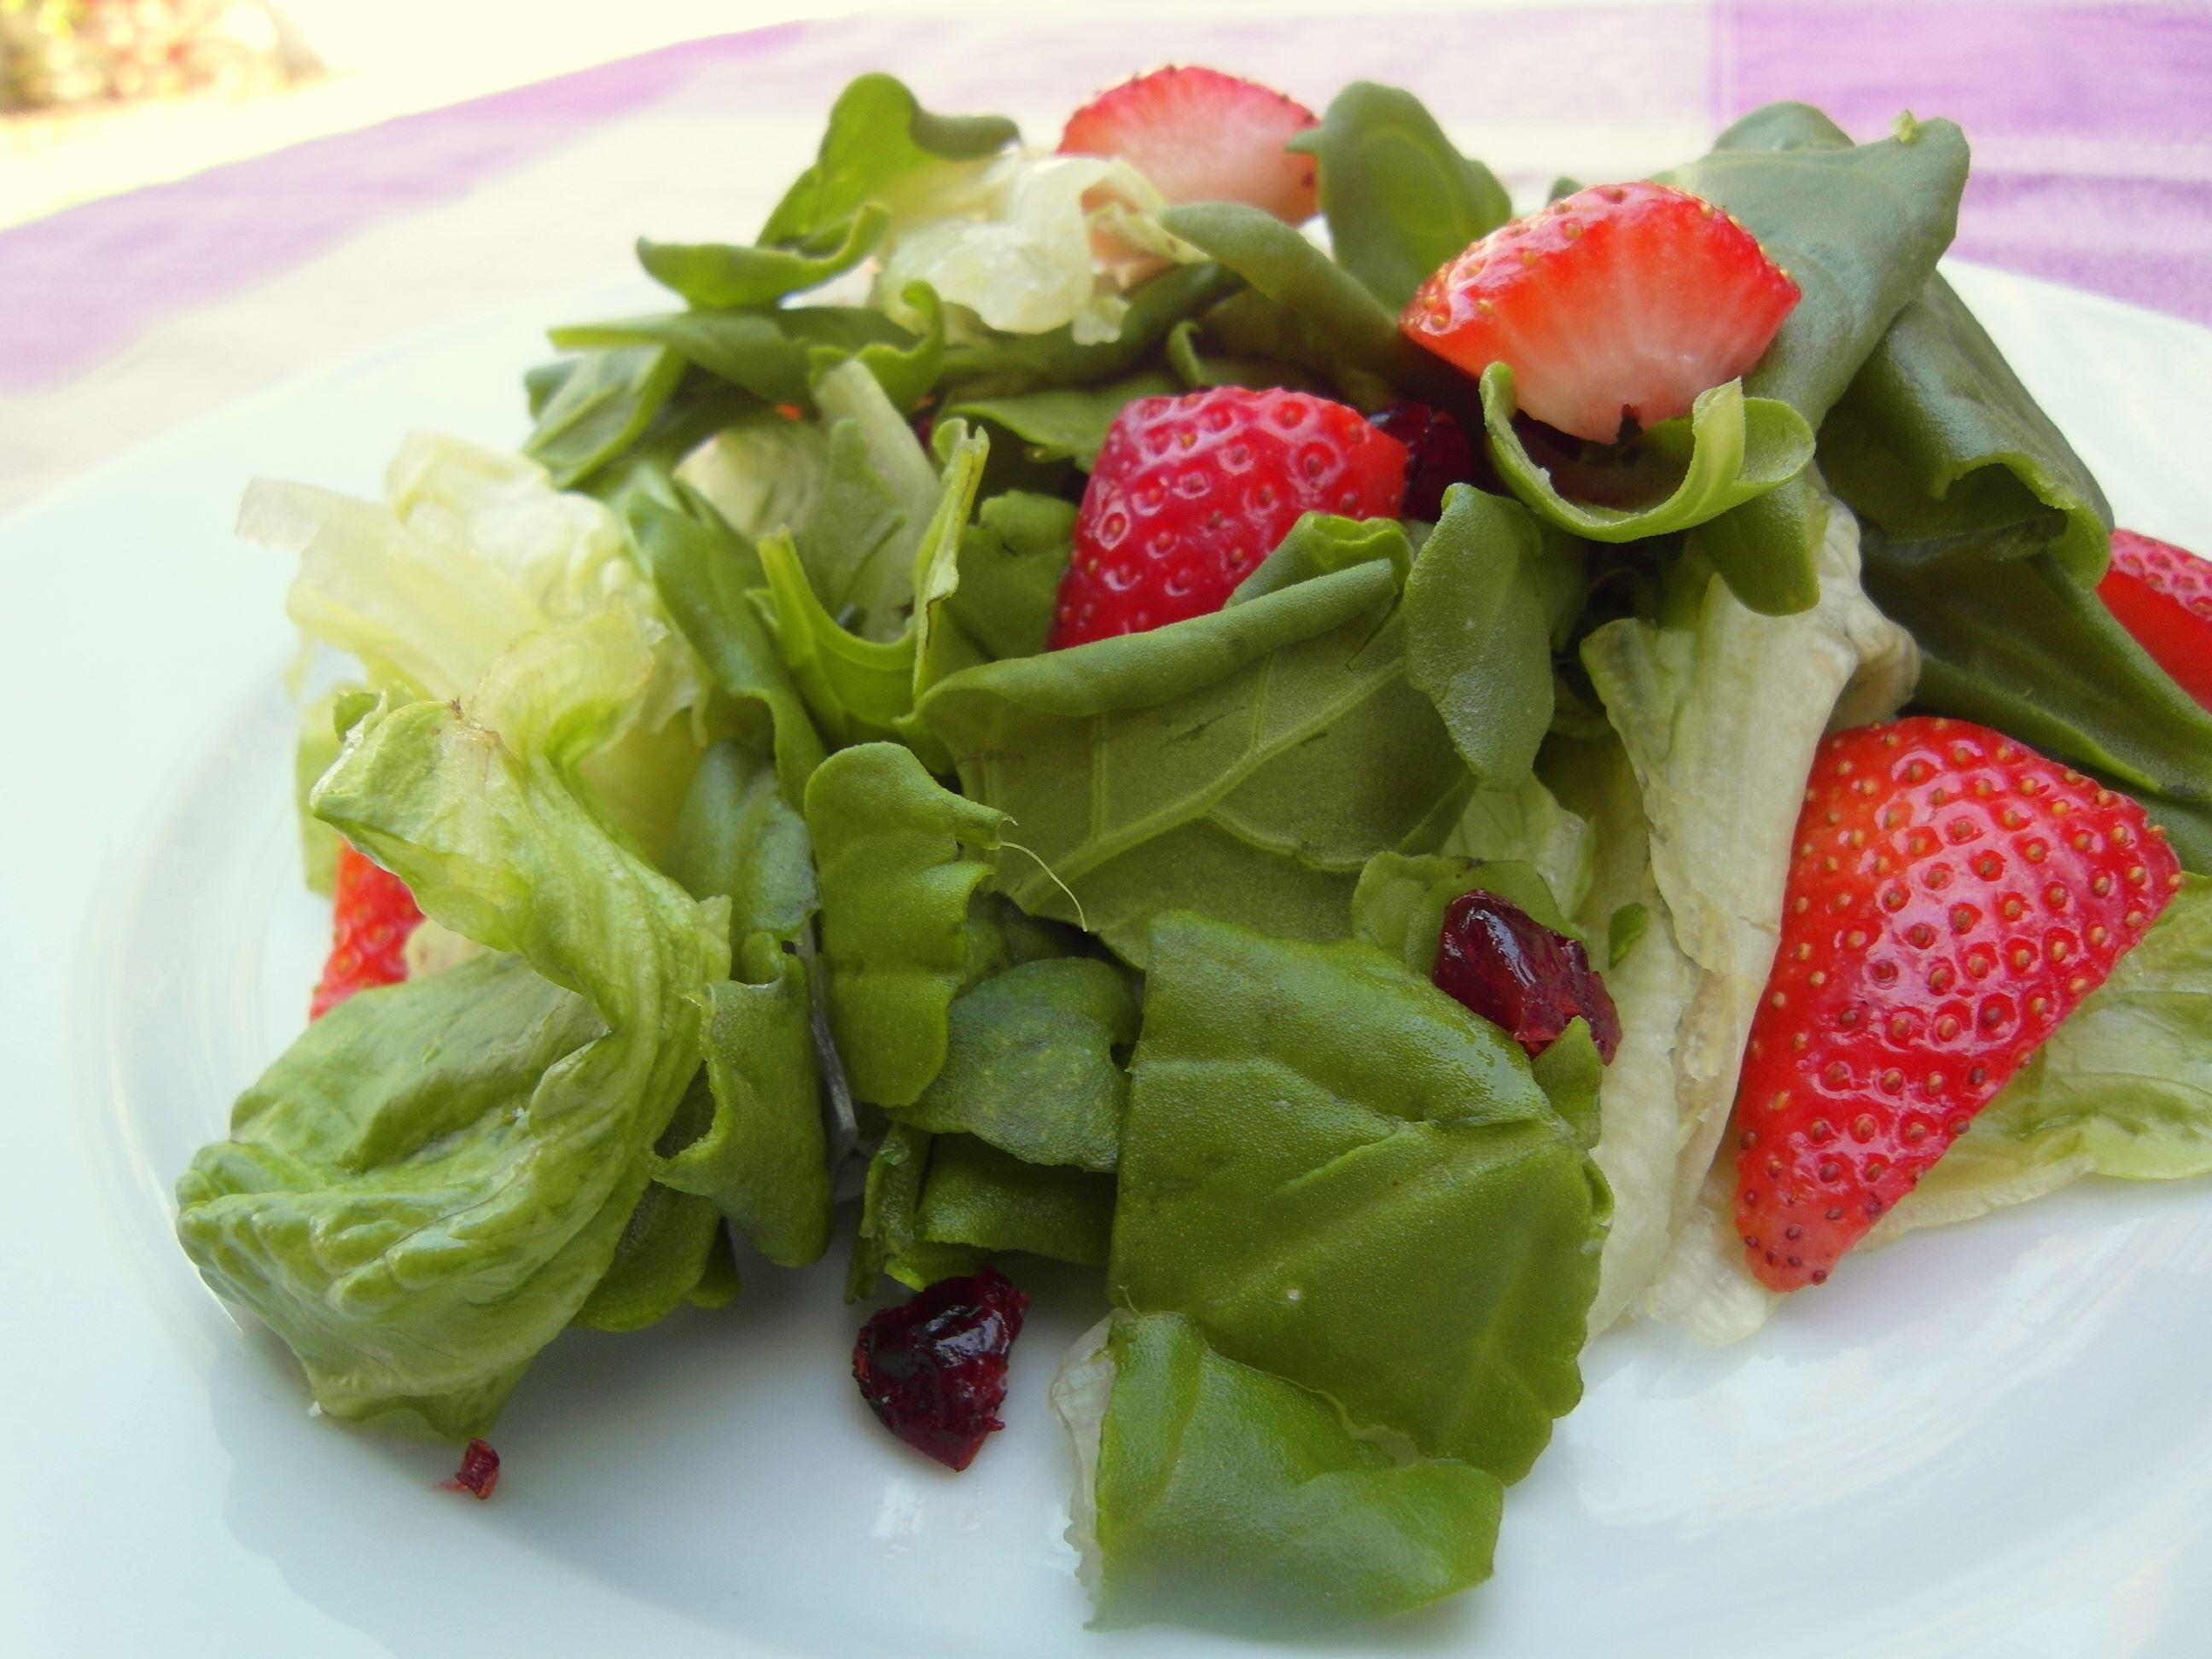 סלט תרד-תותים-חמוציות יום עצמאות טבעוני - מתכונים טבעוניים של השוחטת הטבעונית יעלי שוחט